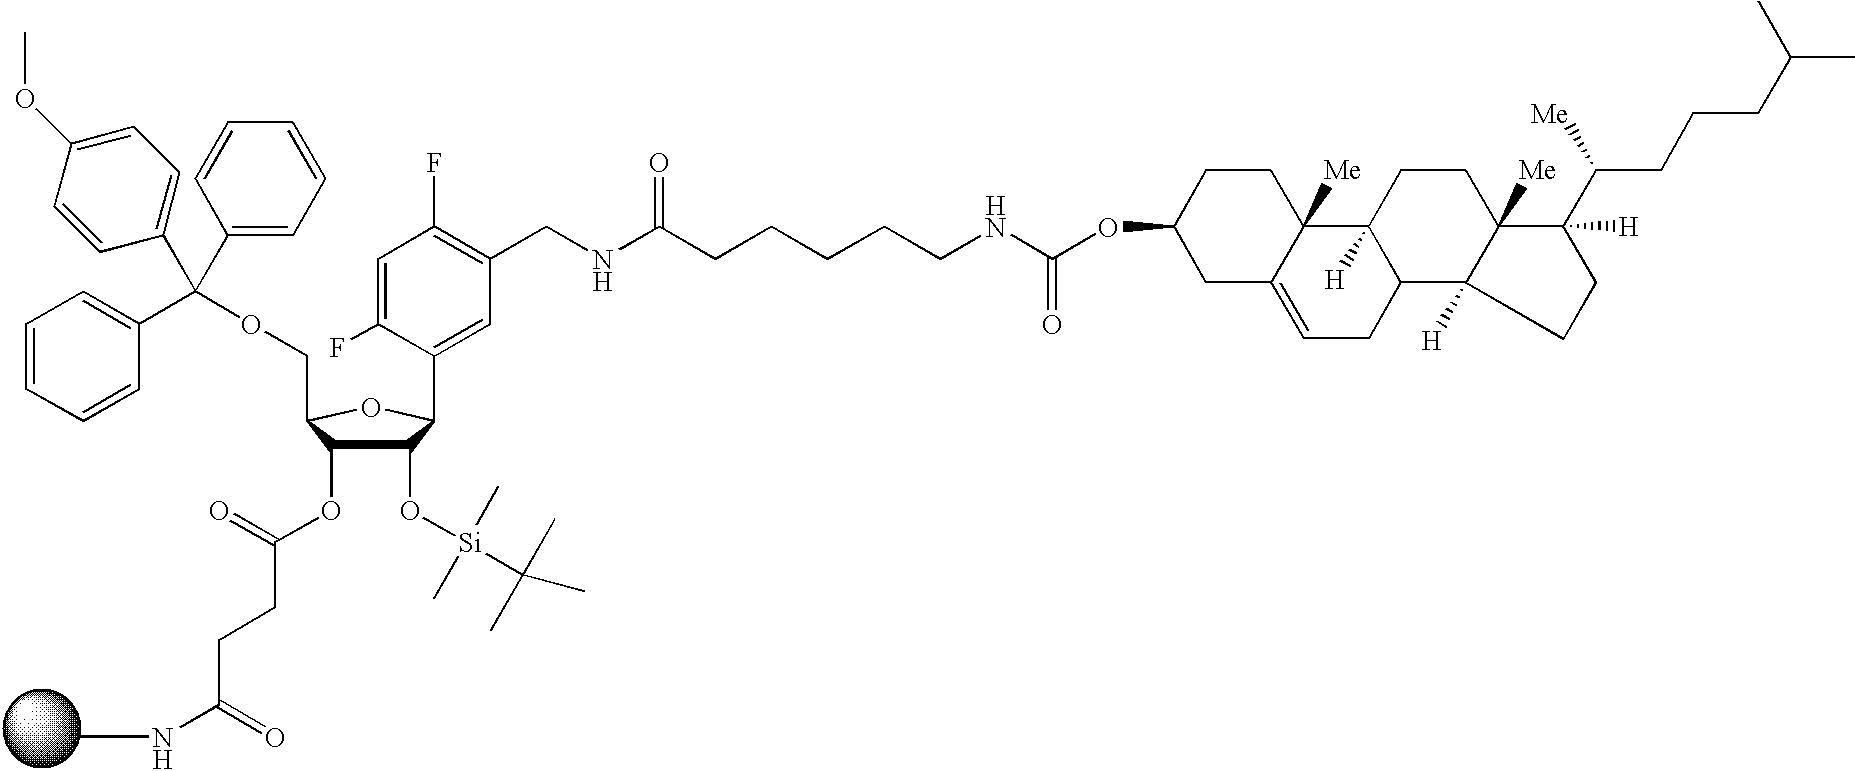 Figure US07632932-20091215-C00106